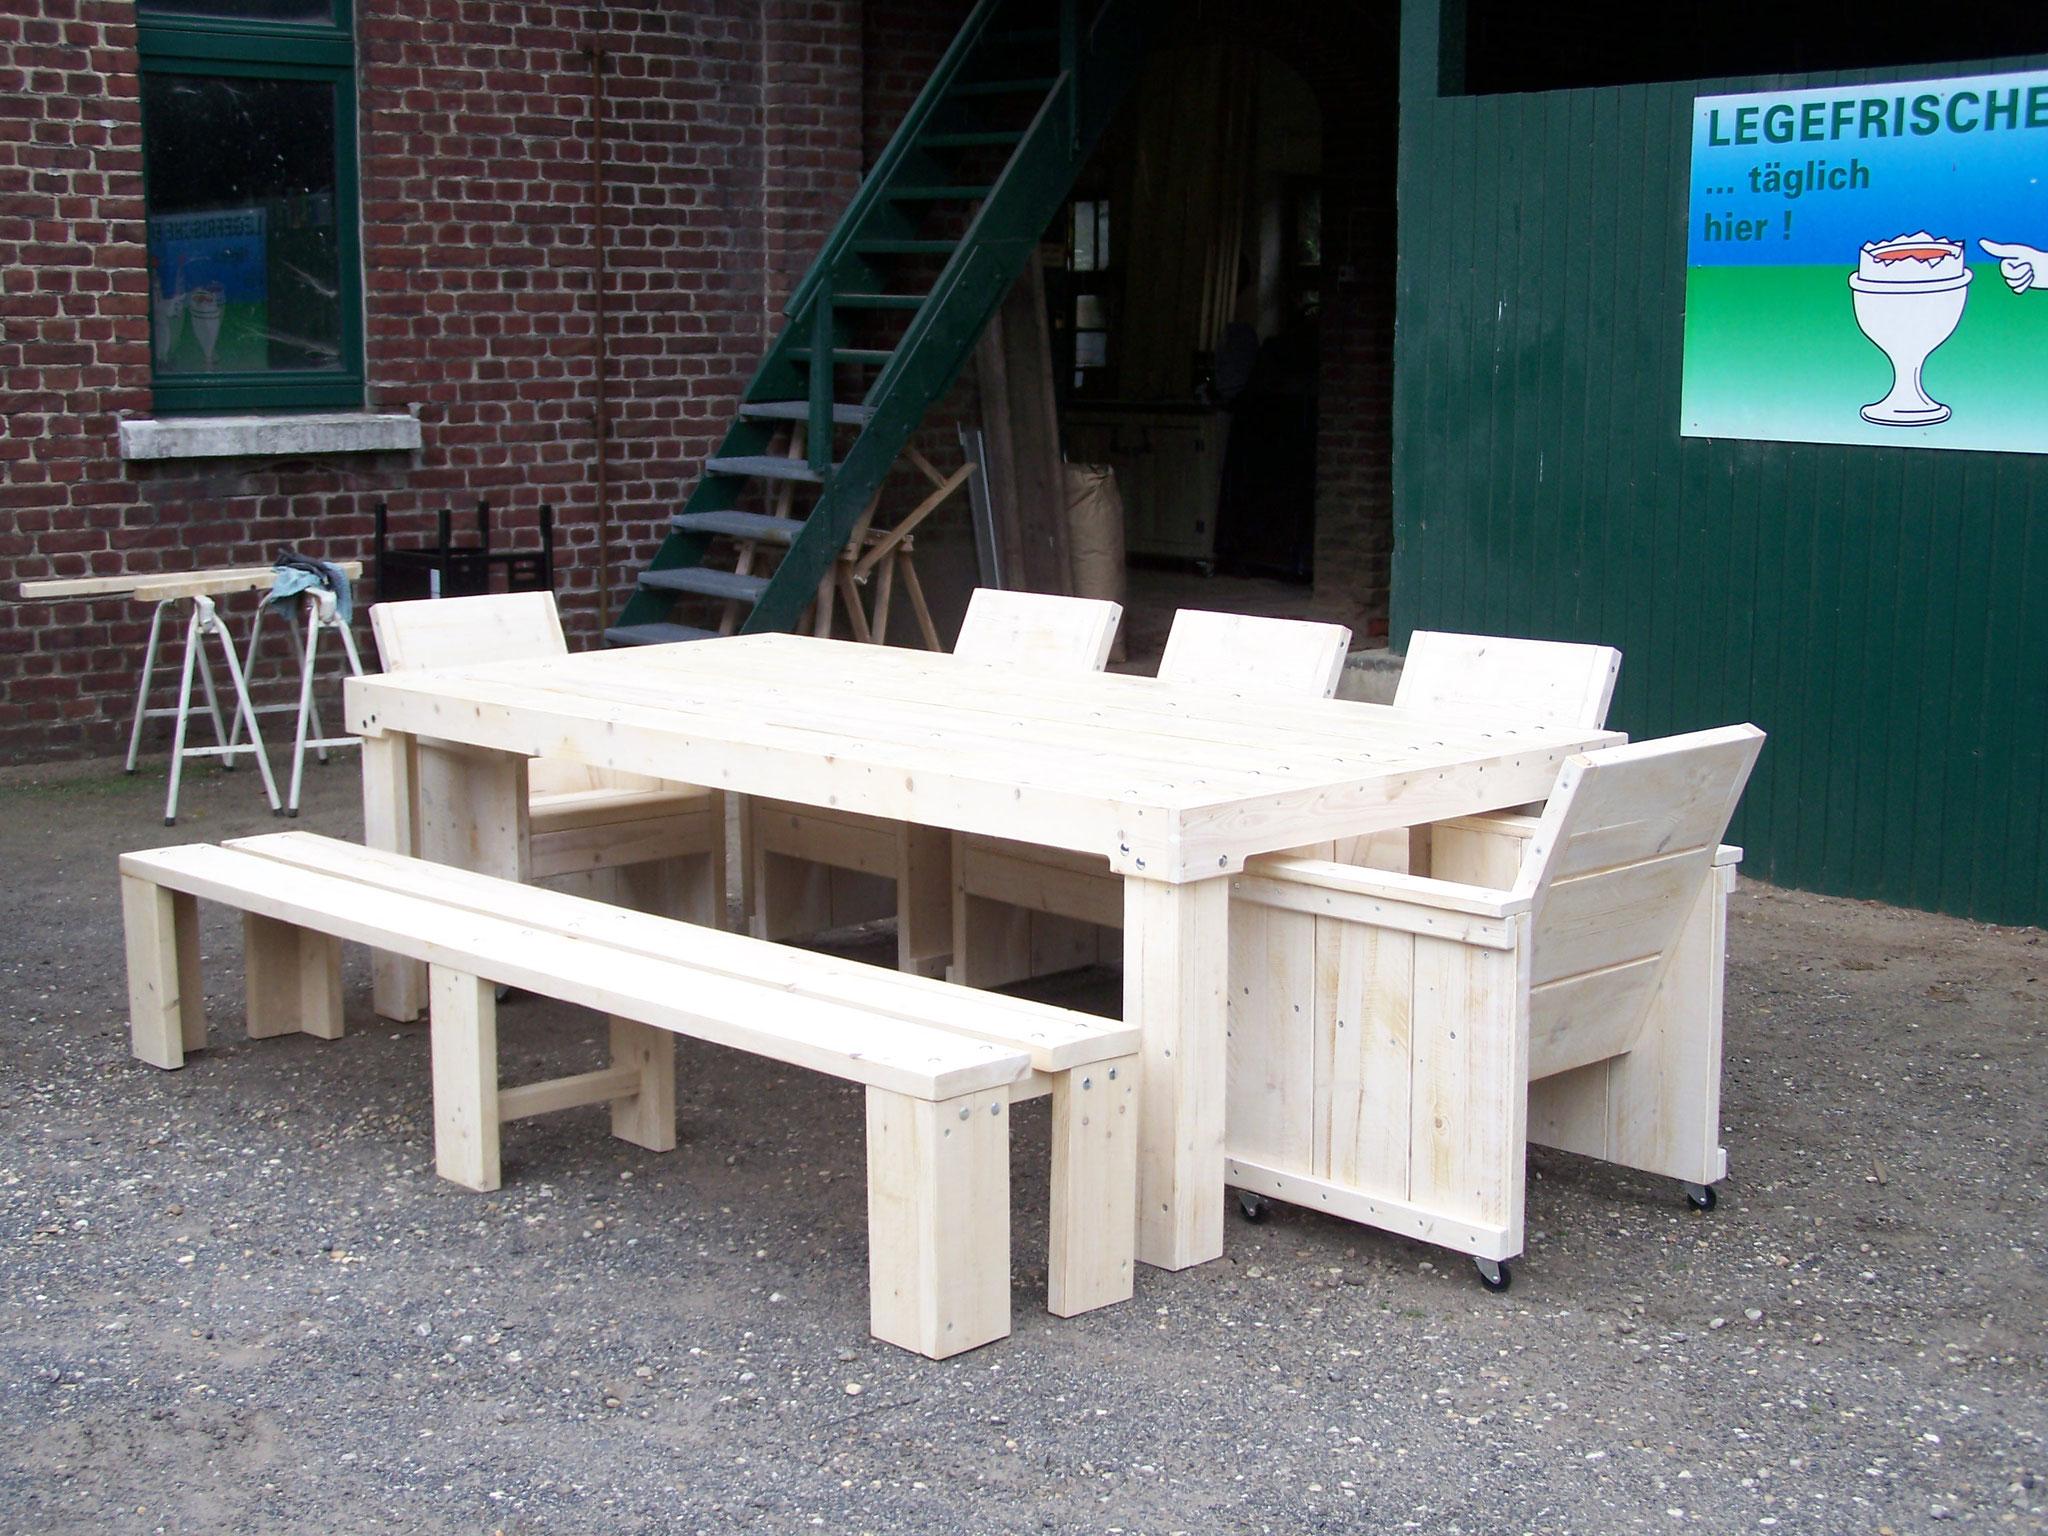 Gartenmöbel - Tisch und Stühle auf einer Terrasse